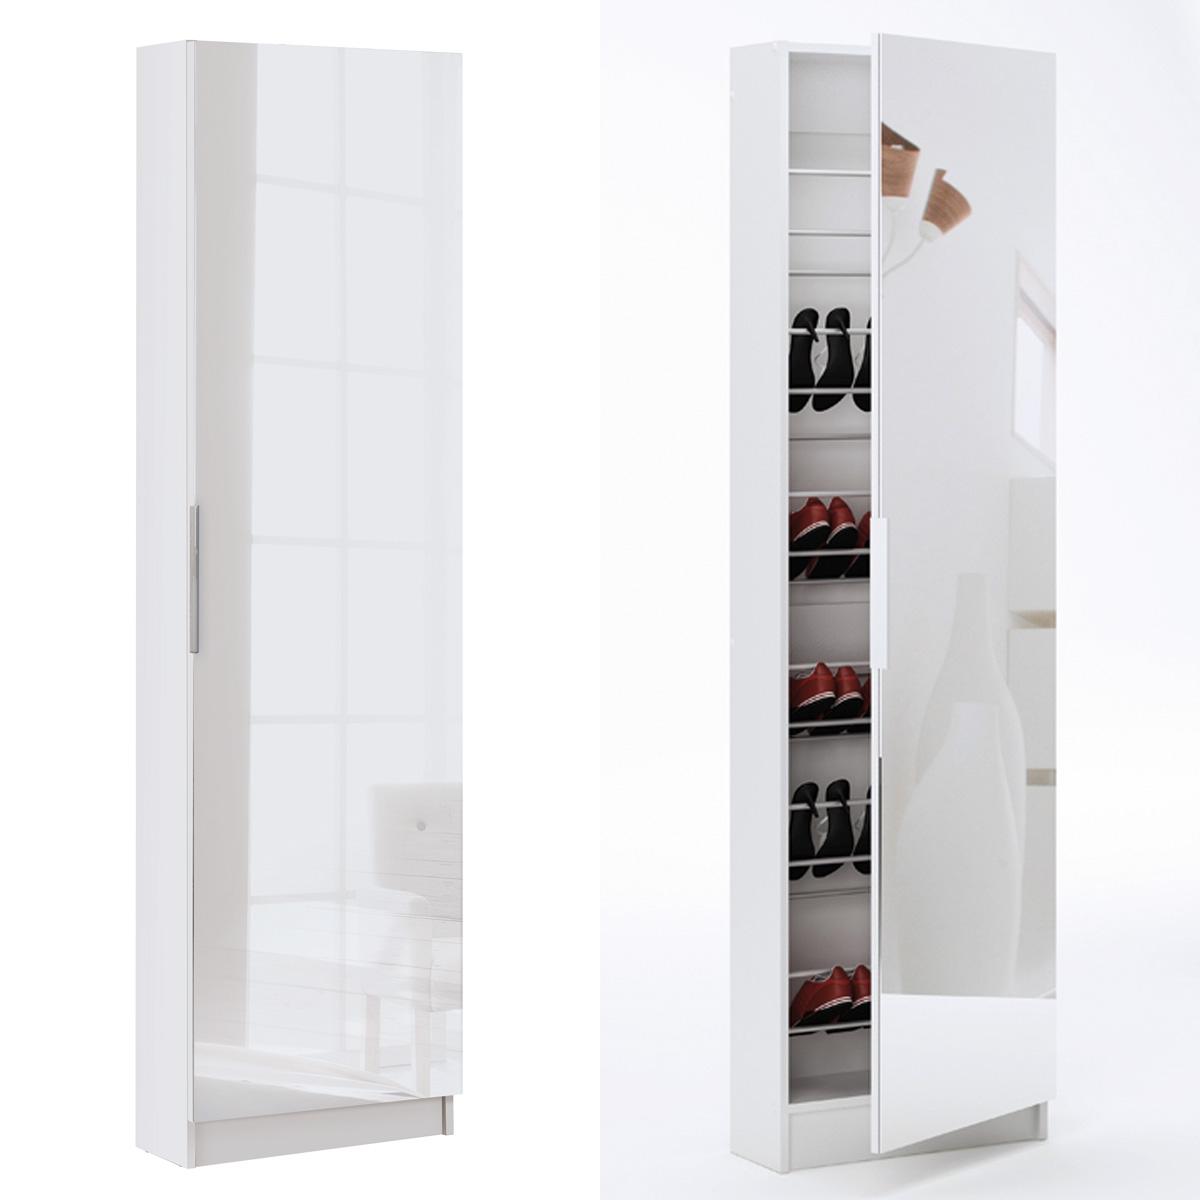 Beeindruckend Garderobenschrank Weiß Dekoration Von Bild 2 Von 2